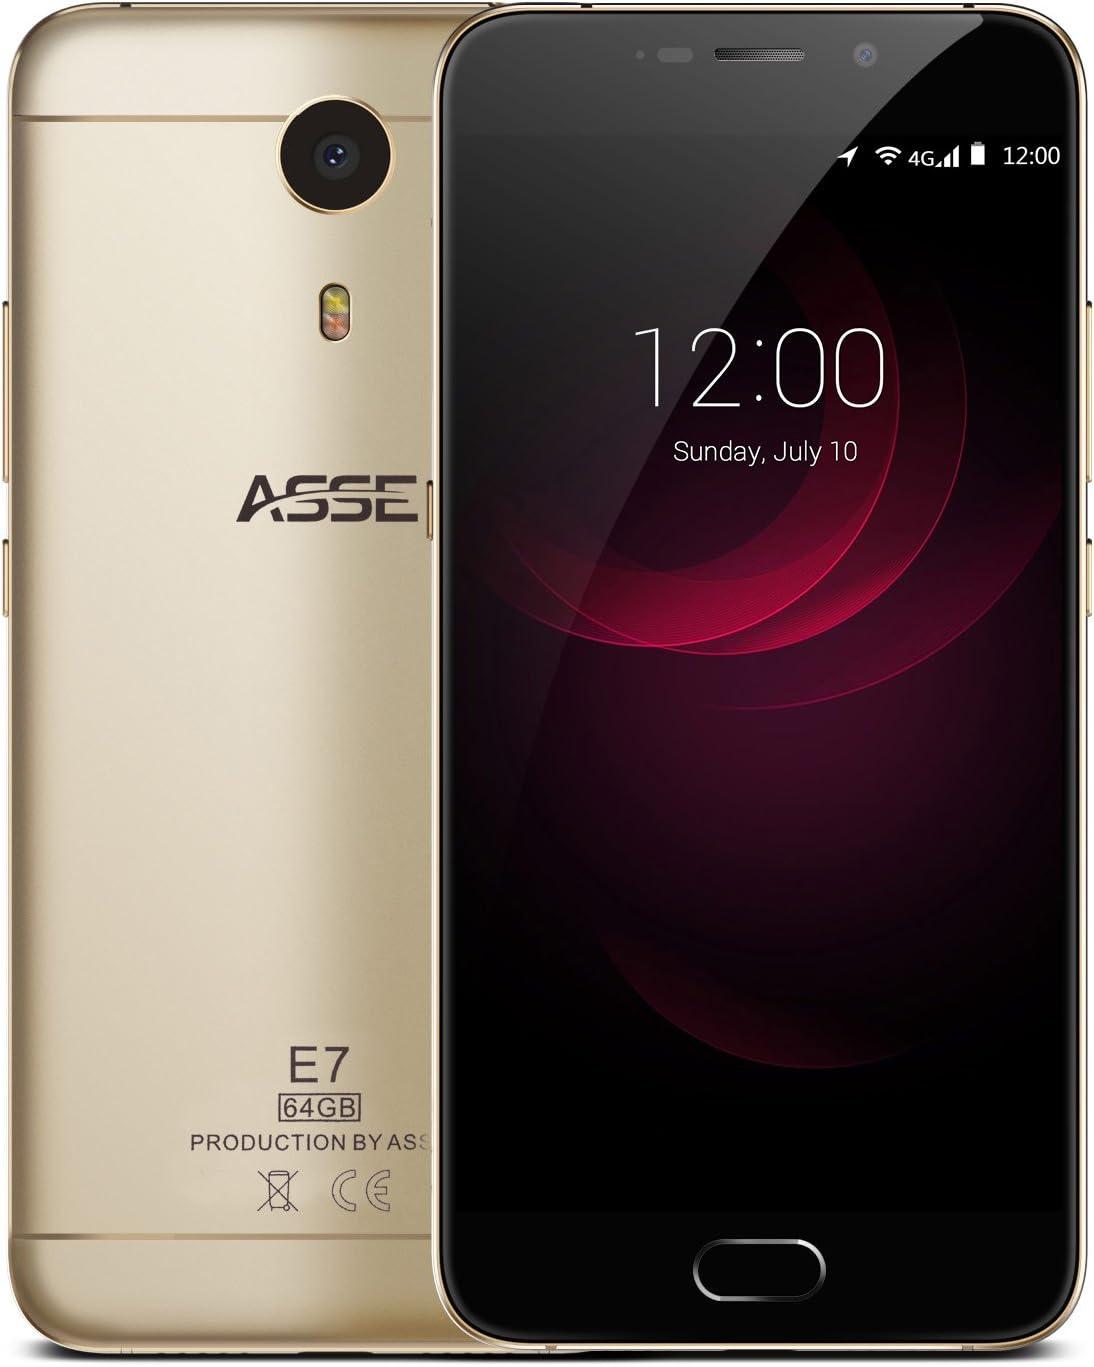 Asse E7 Smartphone 5.5 Pulgadas FHD Pantalla, 4 G, sin Contrato Dual SIM Android 7.0,4 GB RAM/64 GB Memoria, Helio P10 Octa Core Procesador, escáner de Huella Dactilar de Oro: Amazon.es: Electrónica